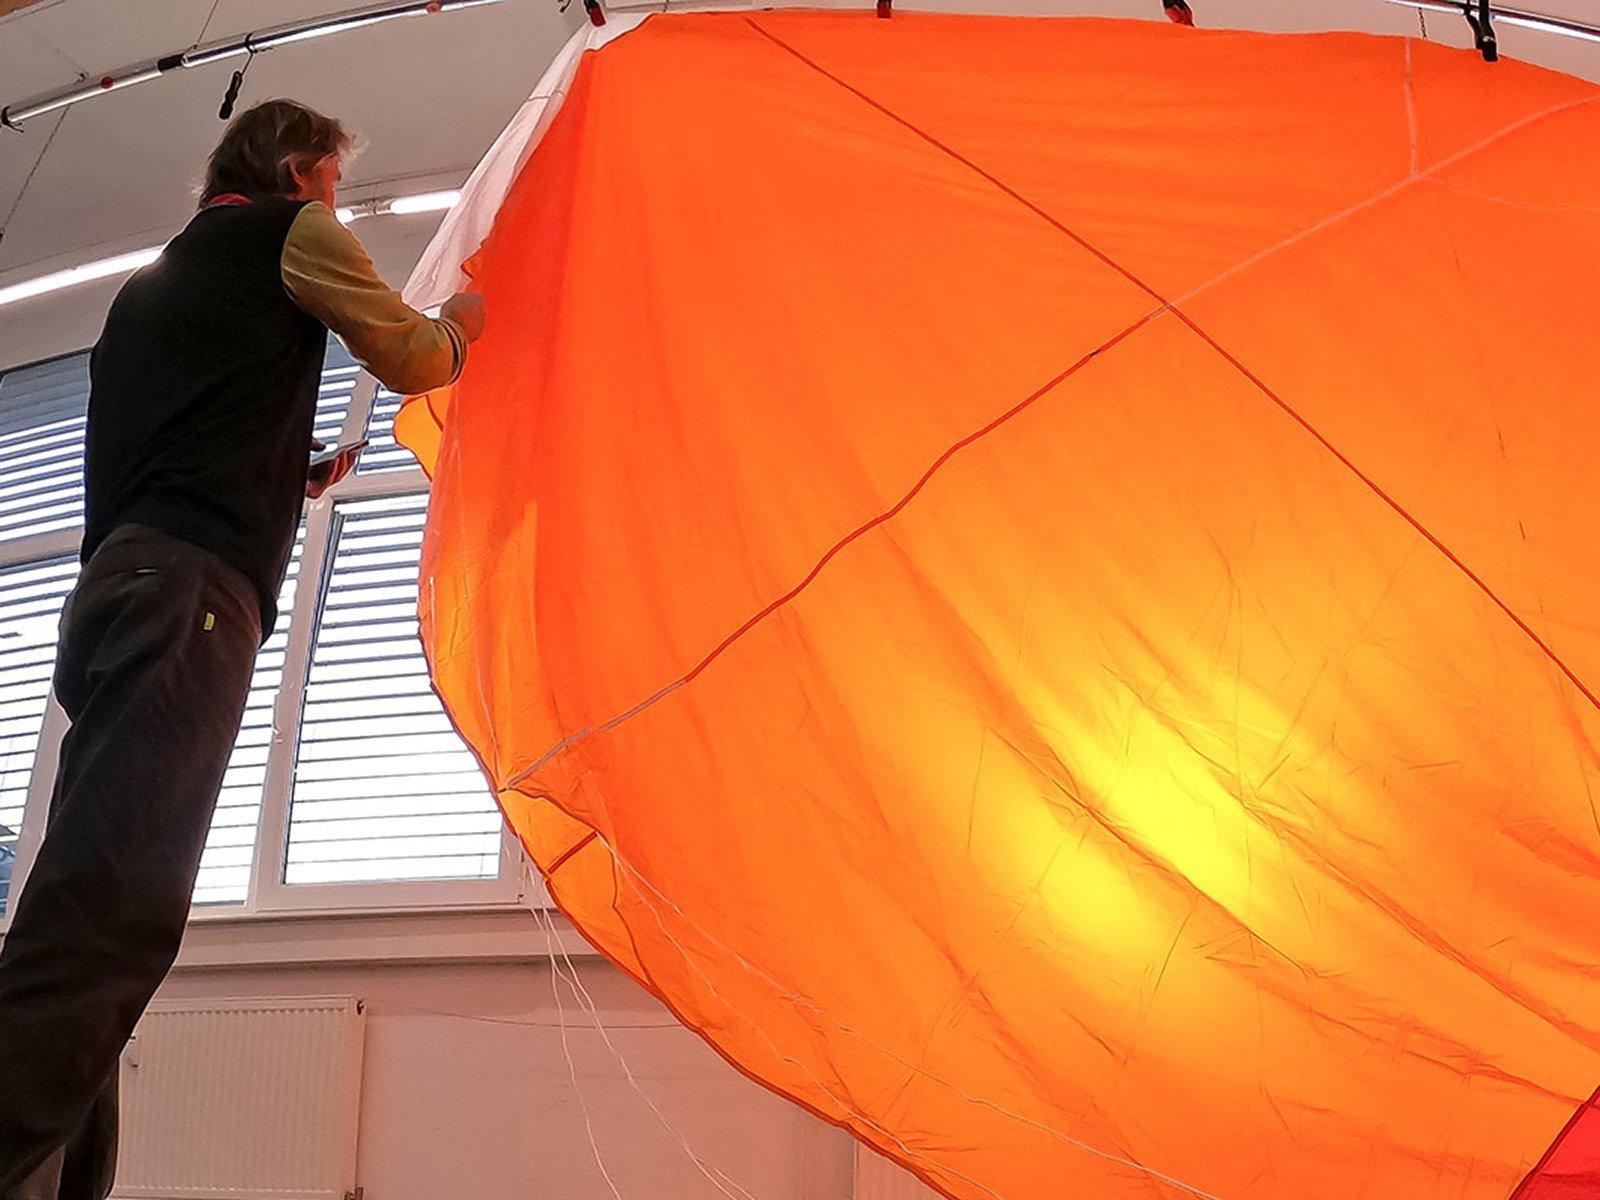 Rettung Check Aufhängen, Lüften, Durchleuchten und Sichtkontrolle Tuch